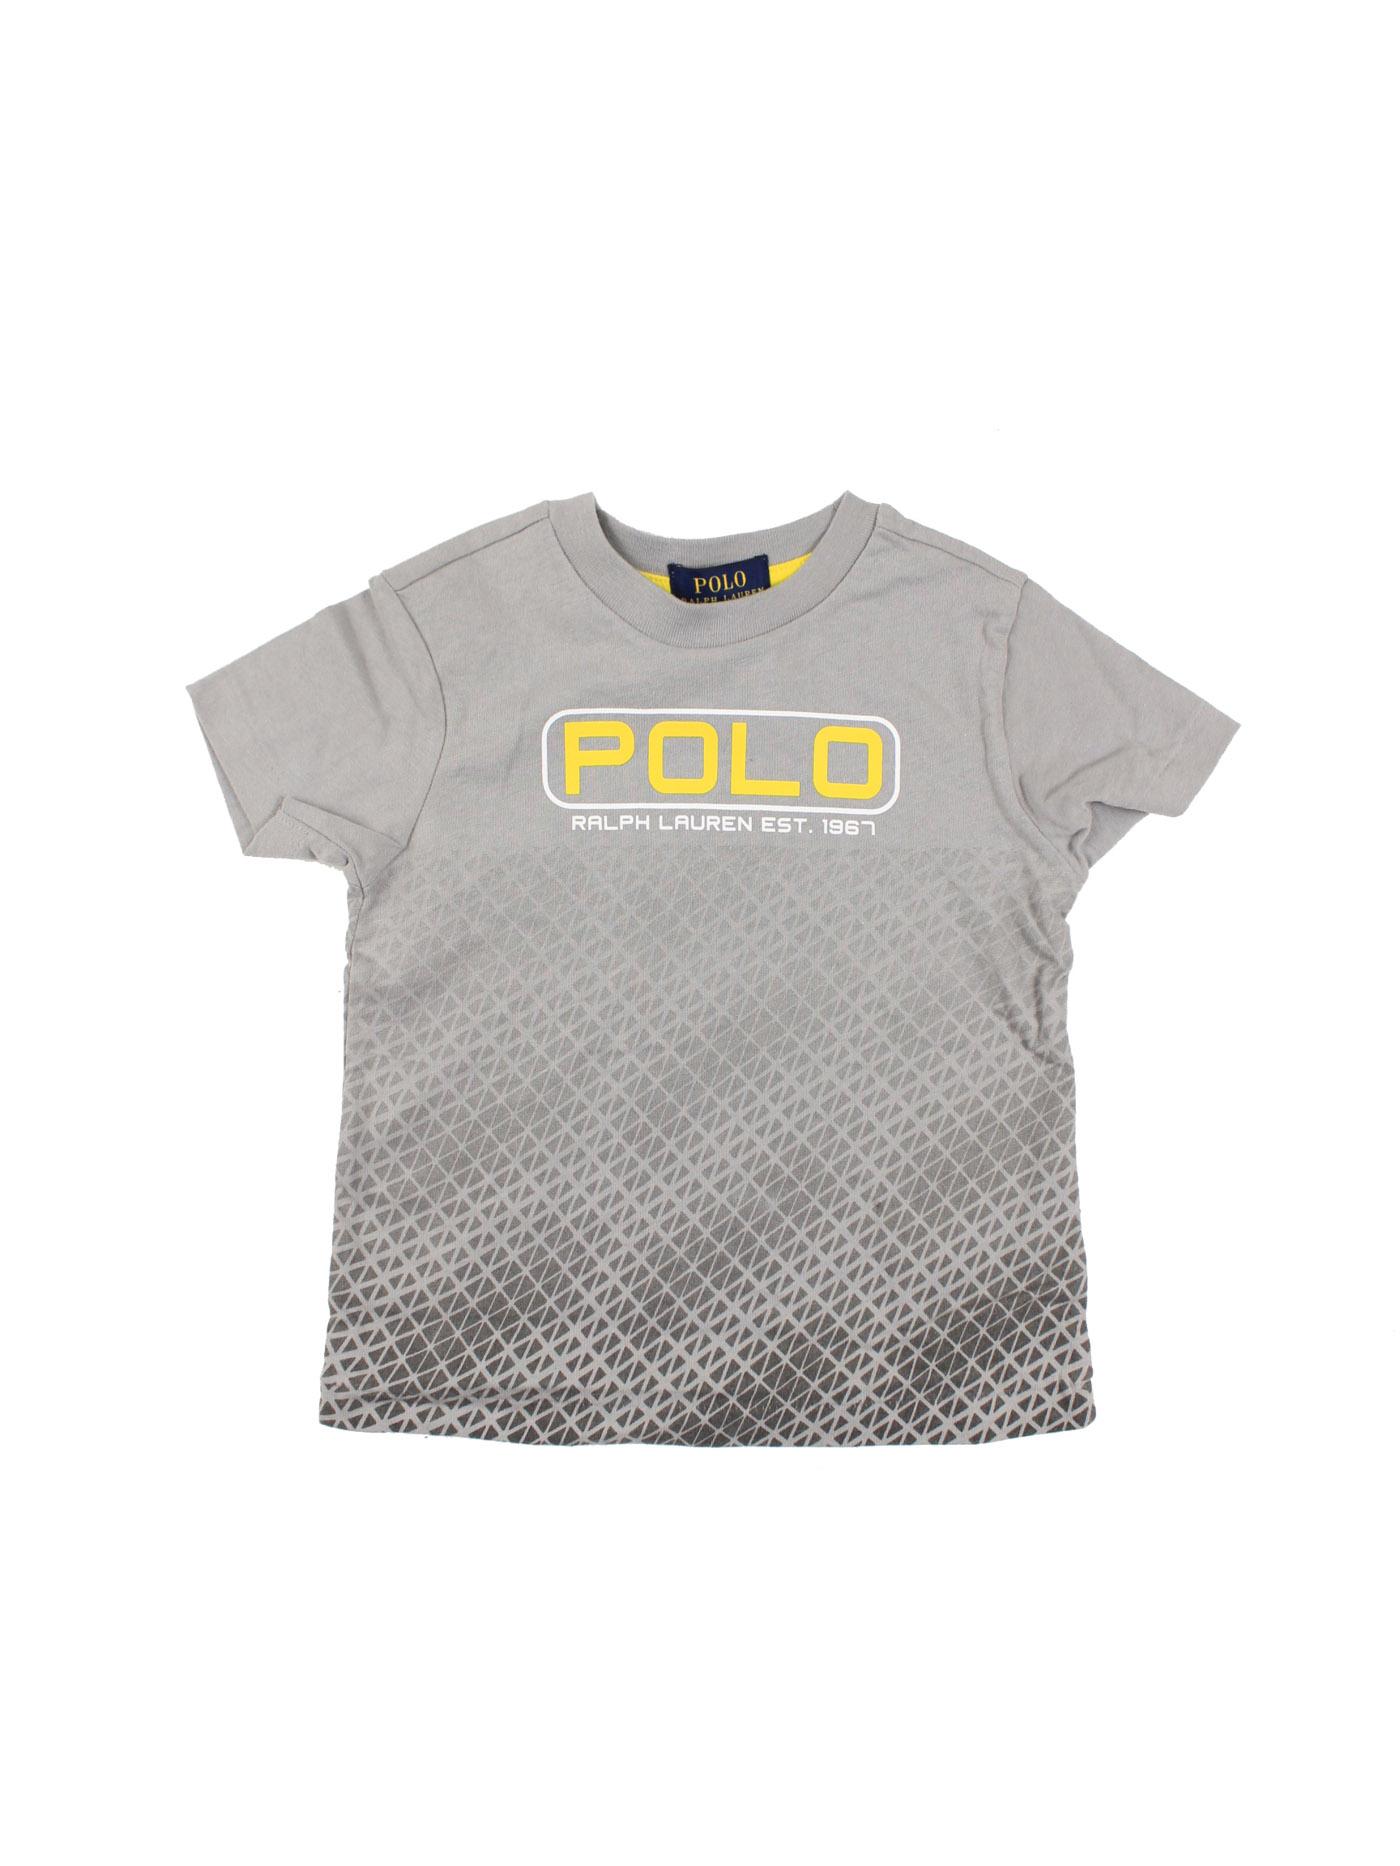 20e0bc368b62 ... Polo Ralph Lauren. T-shirt παιδικό